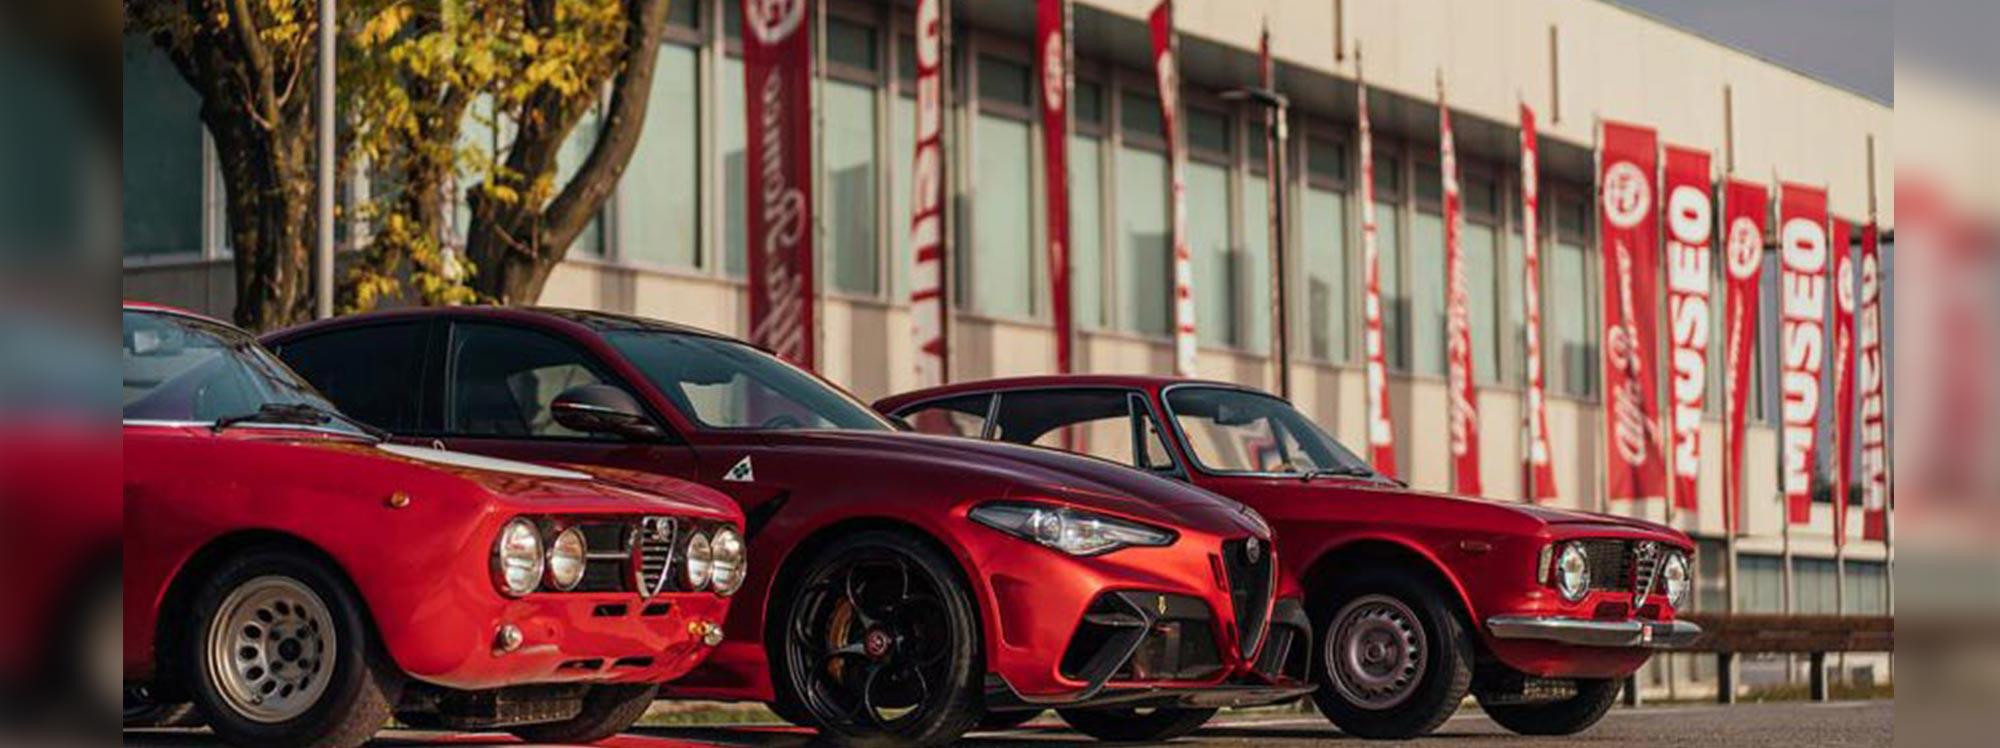 Alfa Romeo, 111 años haciendo historia